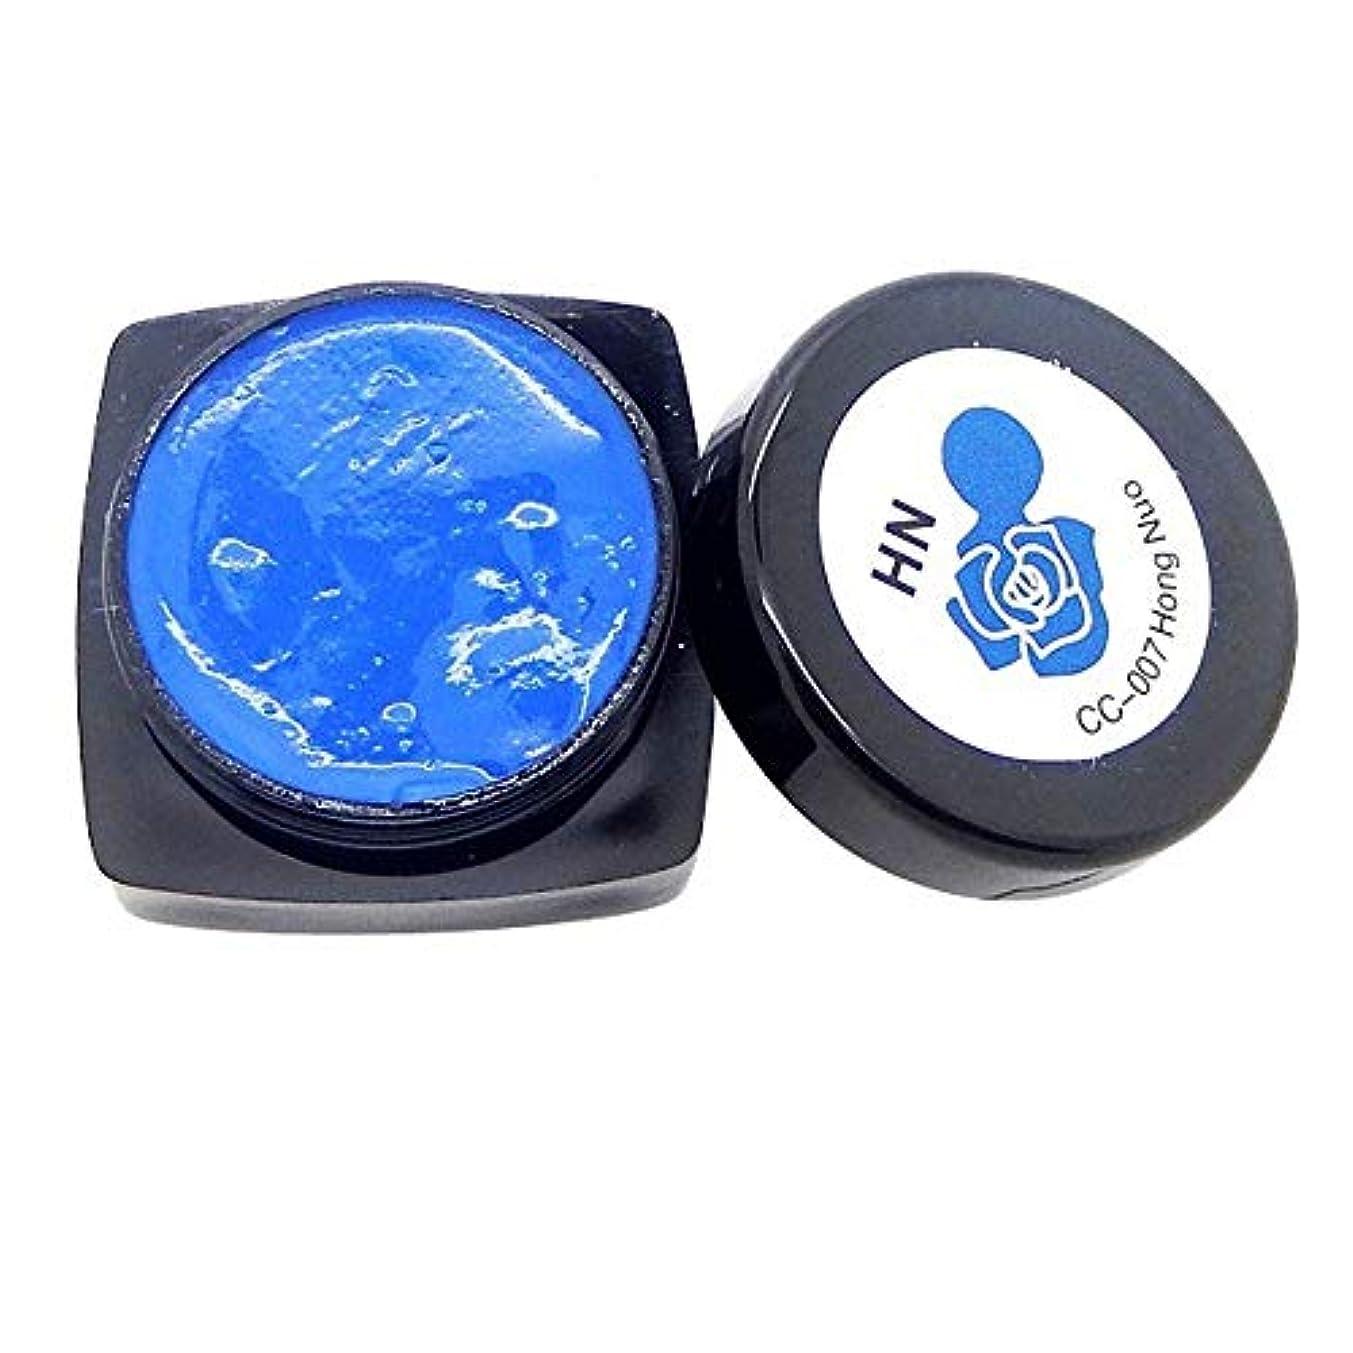 ズボンバンドル絶対のLazayyii 3D UV彫刻 マニキュアデコレーション ジェルカラーネイルアートチップクリエイティブ (G)